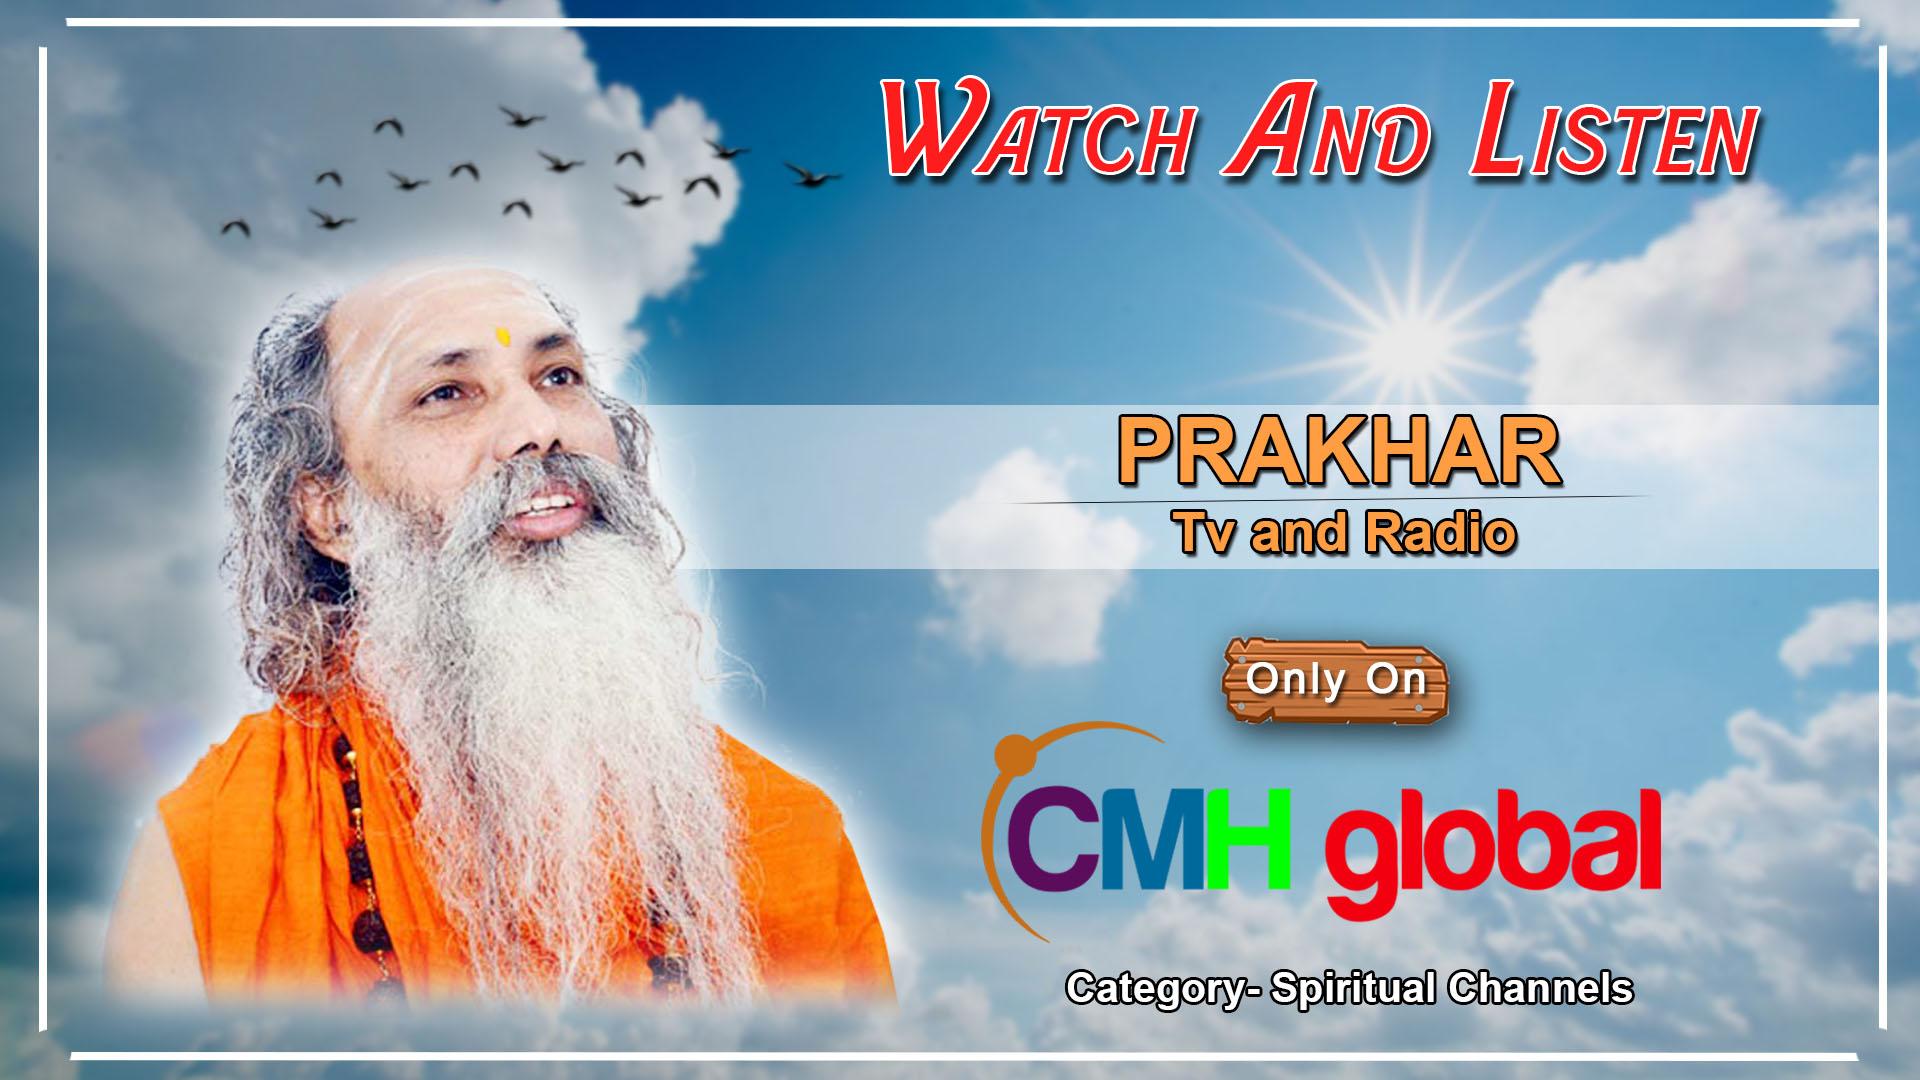 Media interviews  with Mahamandleshwar Swami Prakhar Ji Maharaj